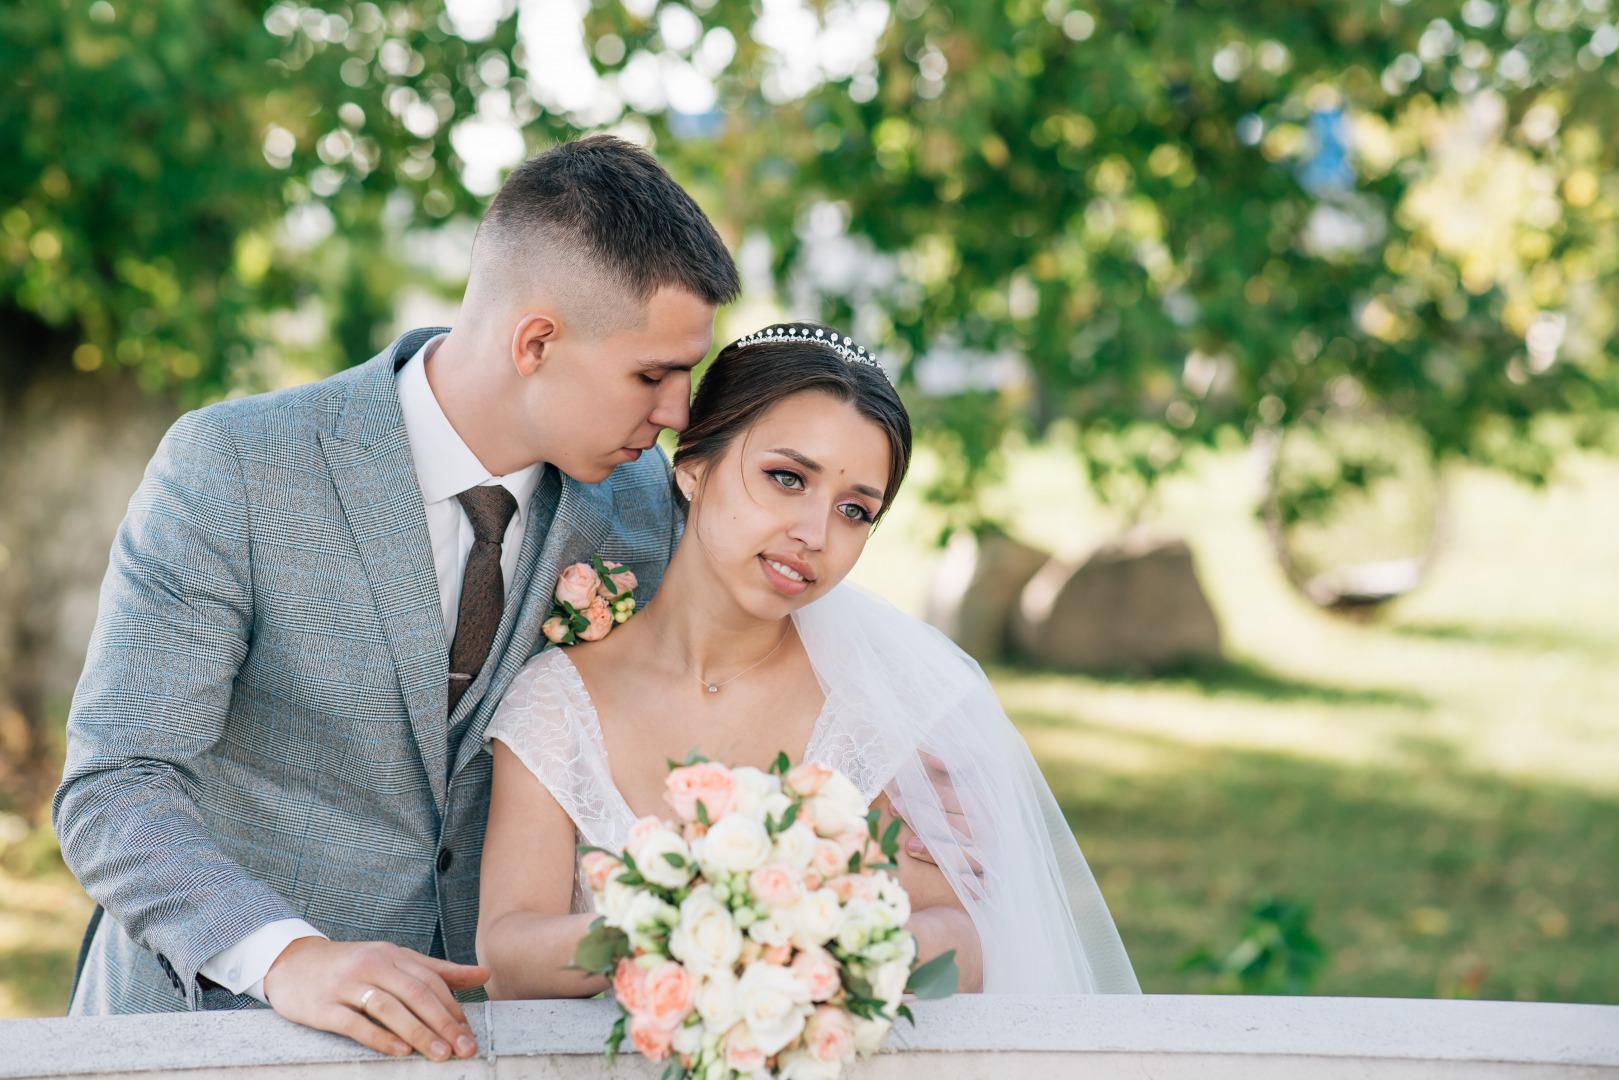 отзывы о свадебном фотографе пример фирменного магазина